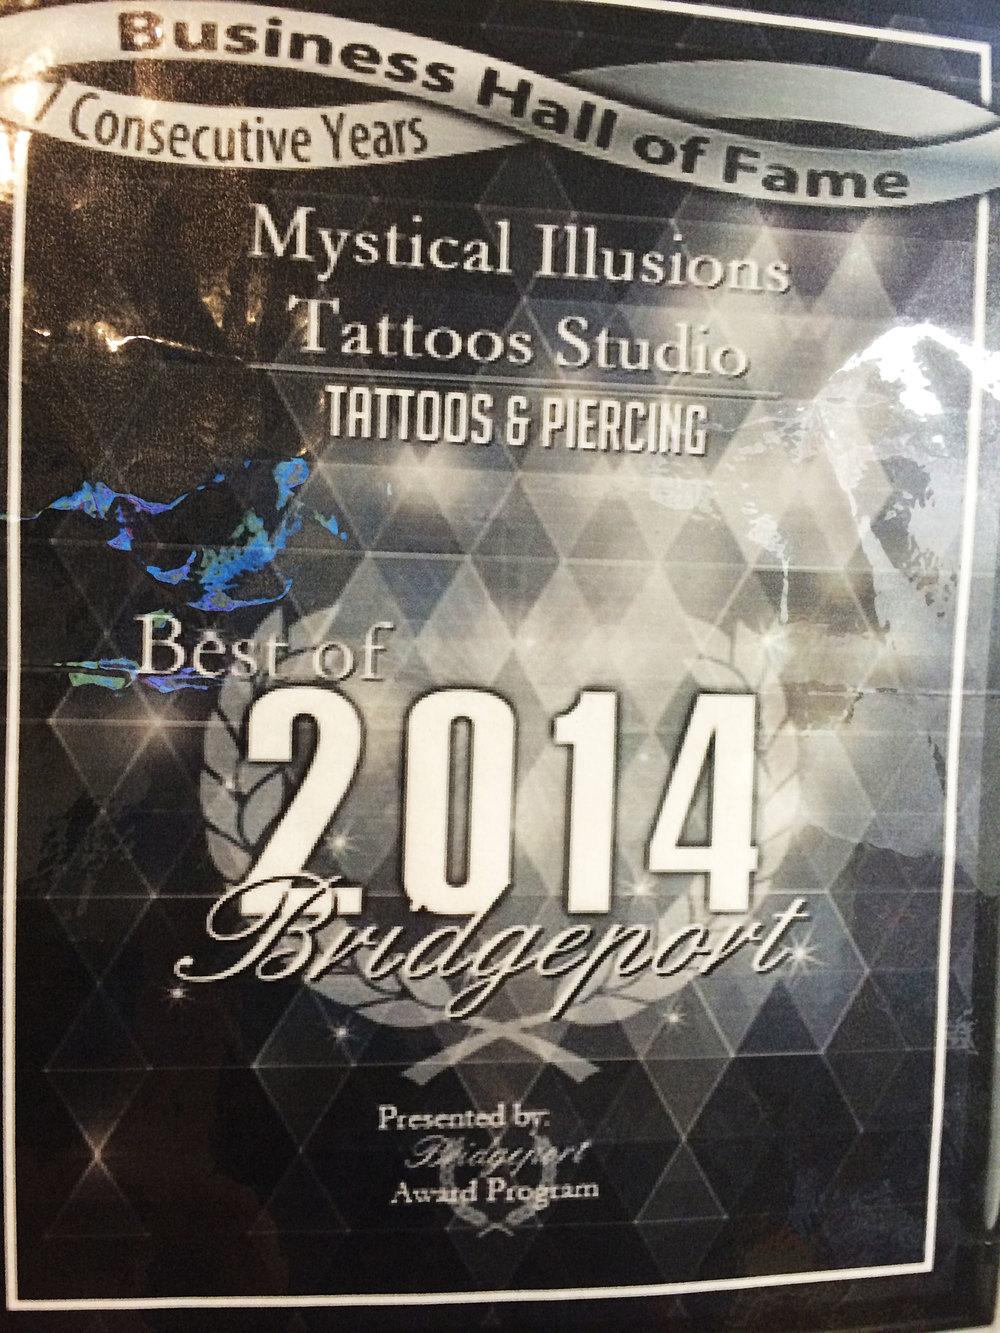 Best of Bridgeport